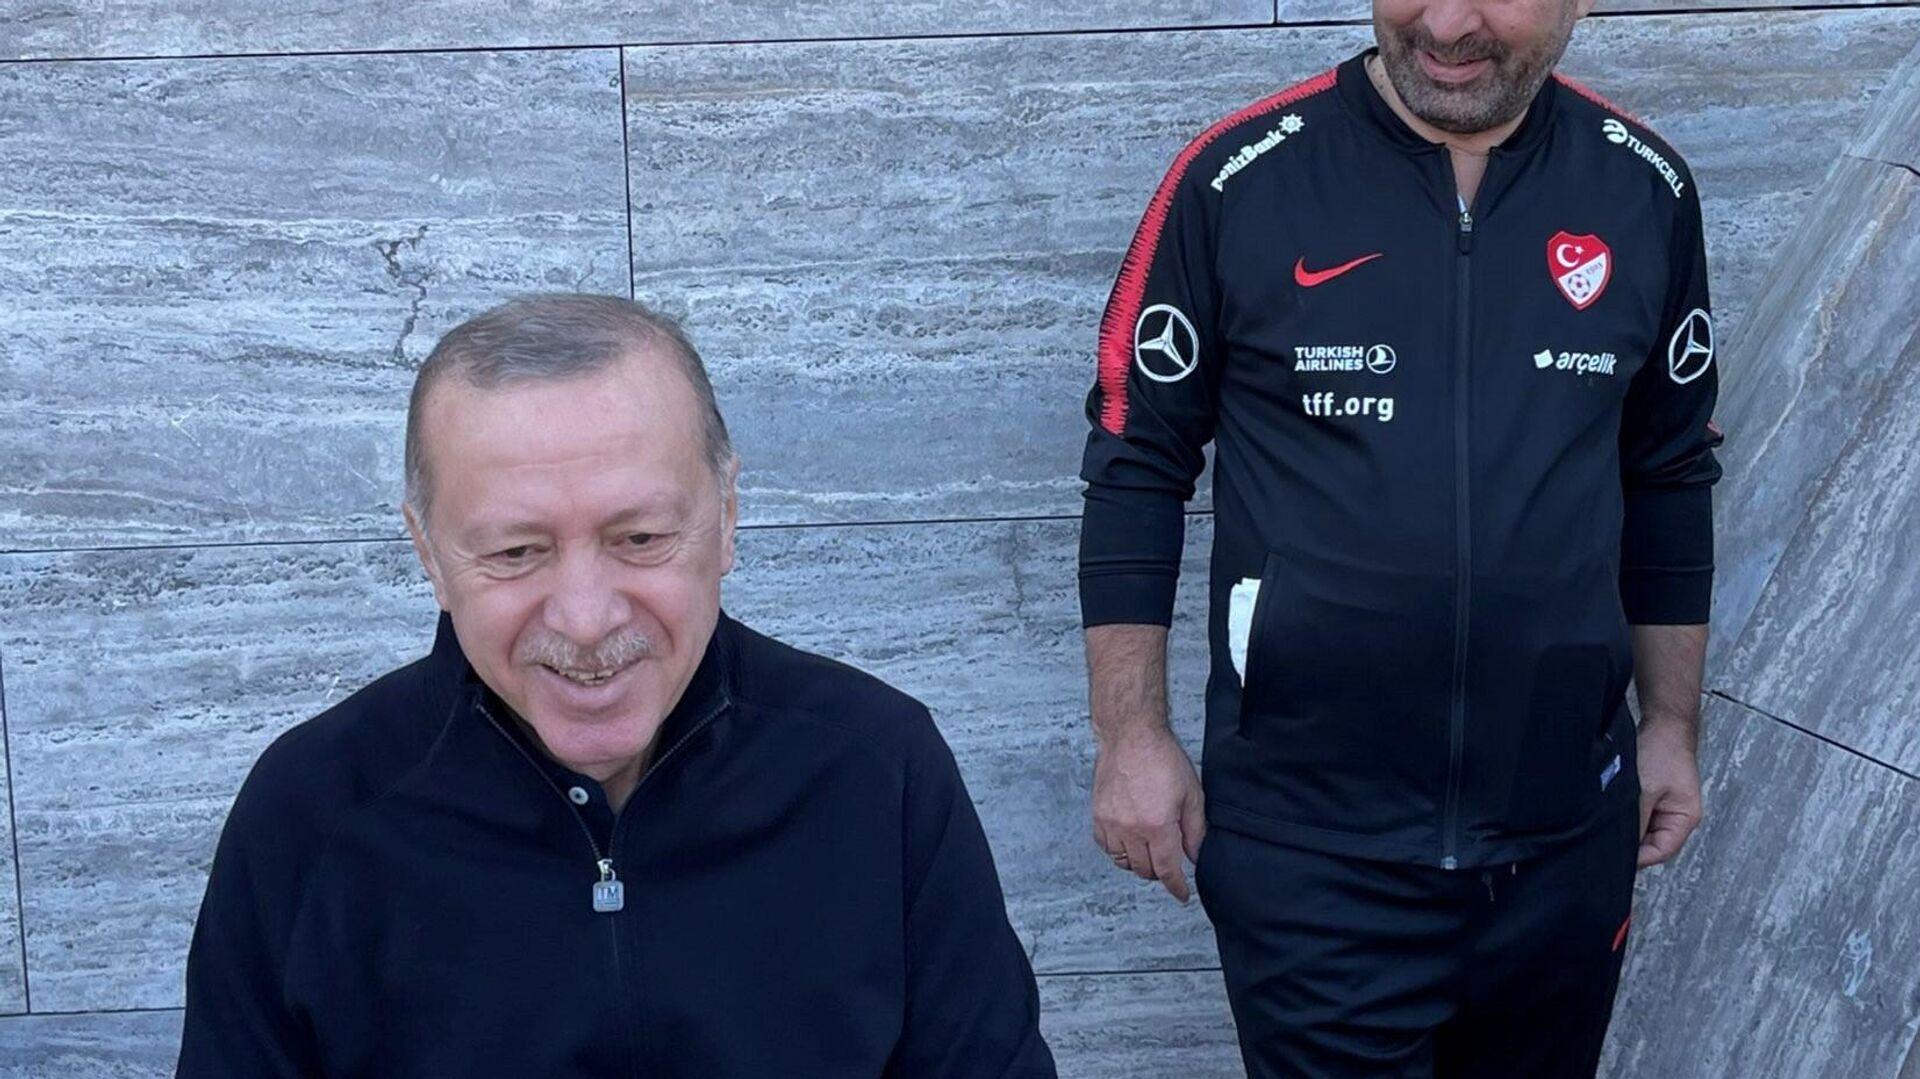 Cumhurbaşkanı Erdoğan'ın sabah sporu - Sputnik Türkiye, 1920, 28.09.2021